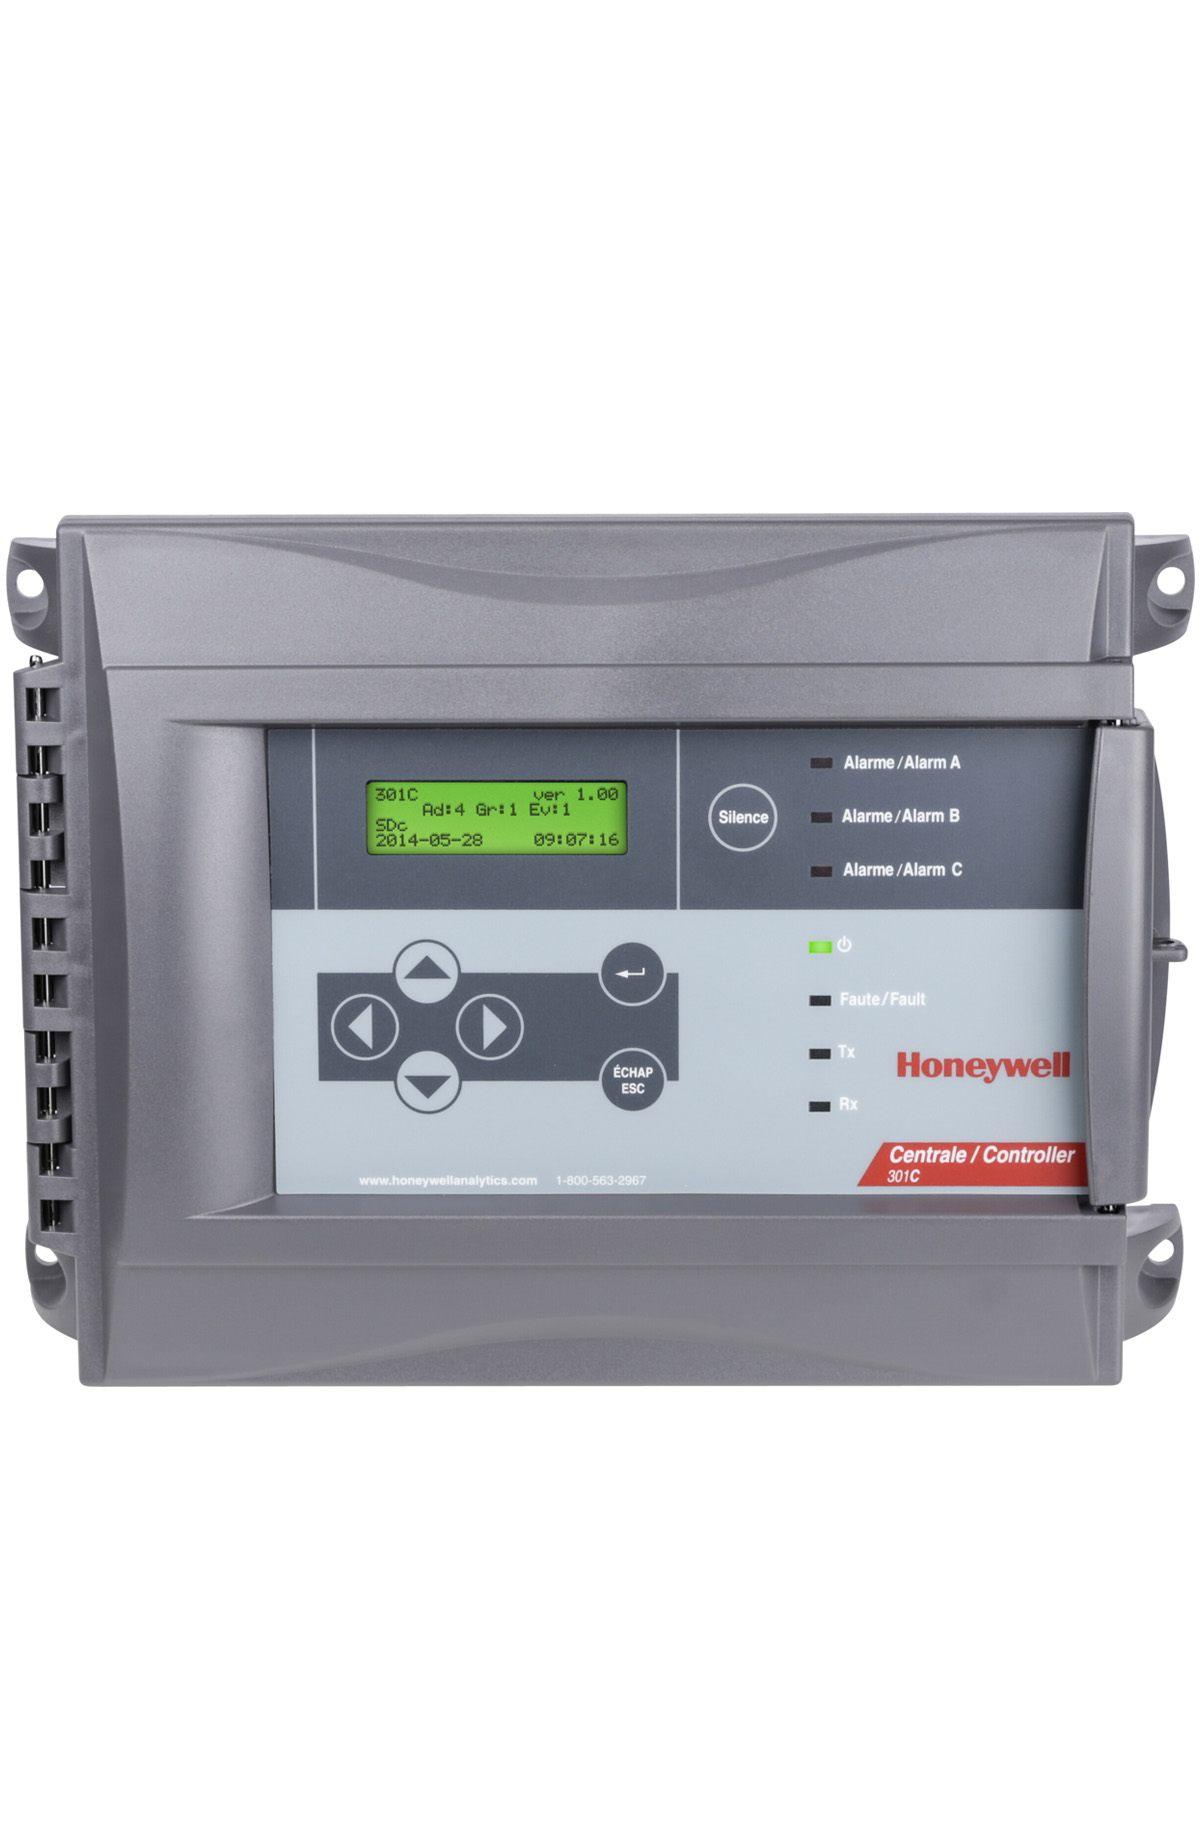 301 C Honeywell Analytics Gas Detection